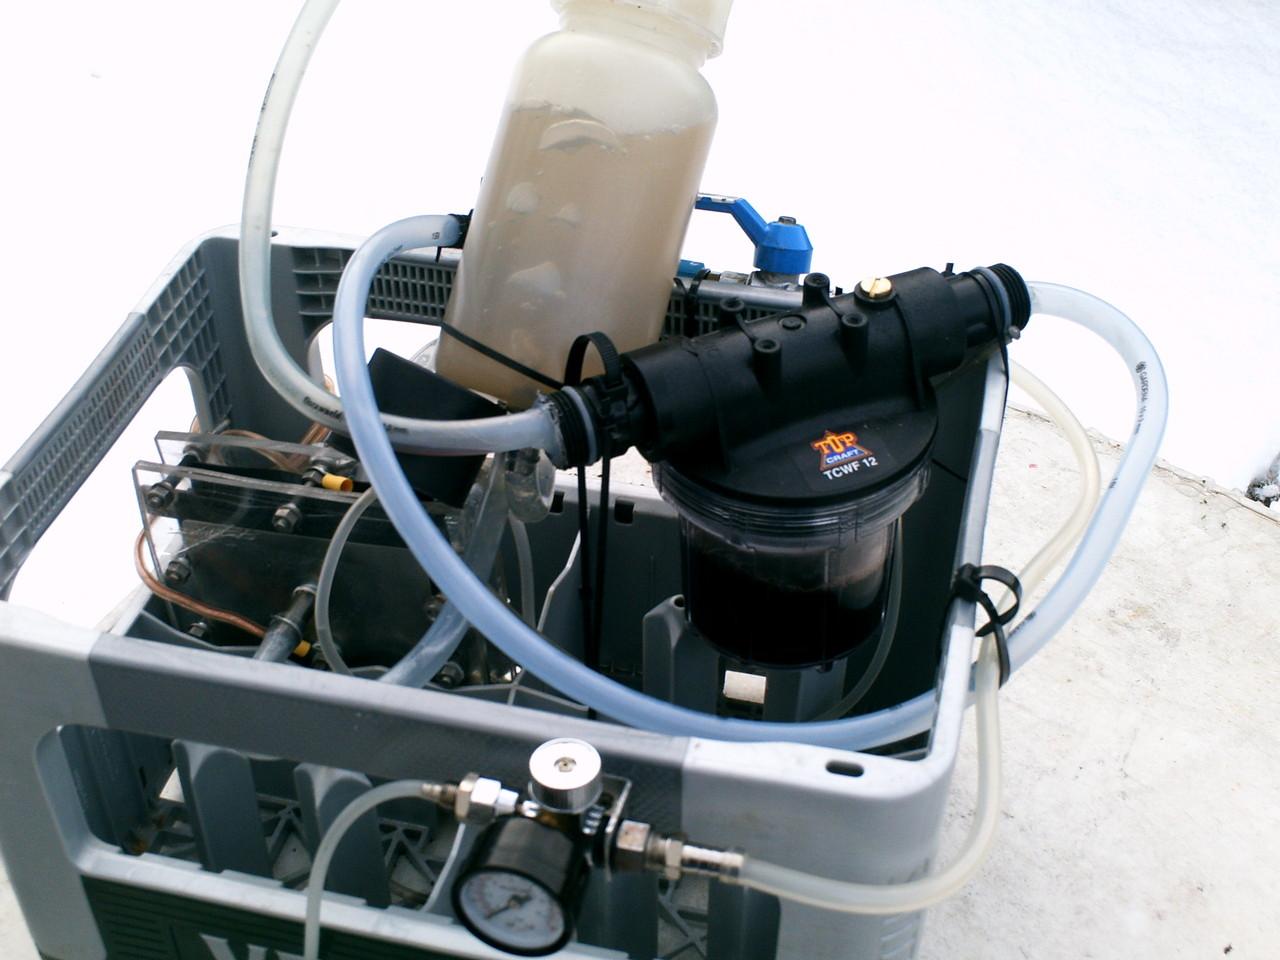 Der 15-Zellen-Stack hat rostfreie VA-Stahlplatten und Elektrolytinjektoren, die die Elektrolytversorgung auch bei hoher Leistung sicherstellen  (und ein Trockenlaufen der Zelle verhindern)